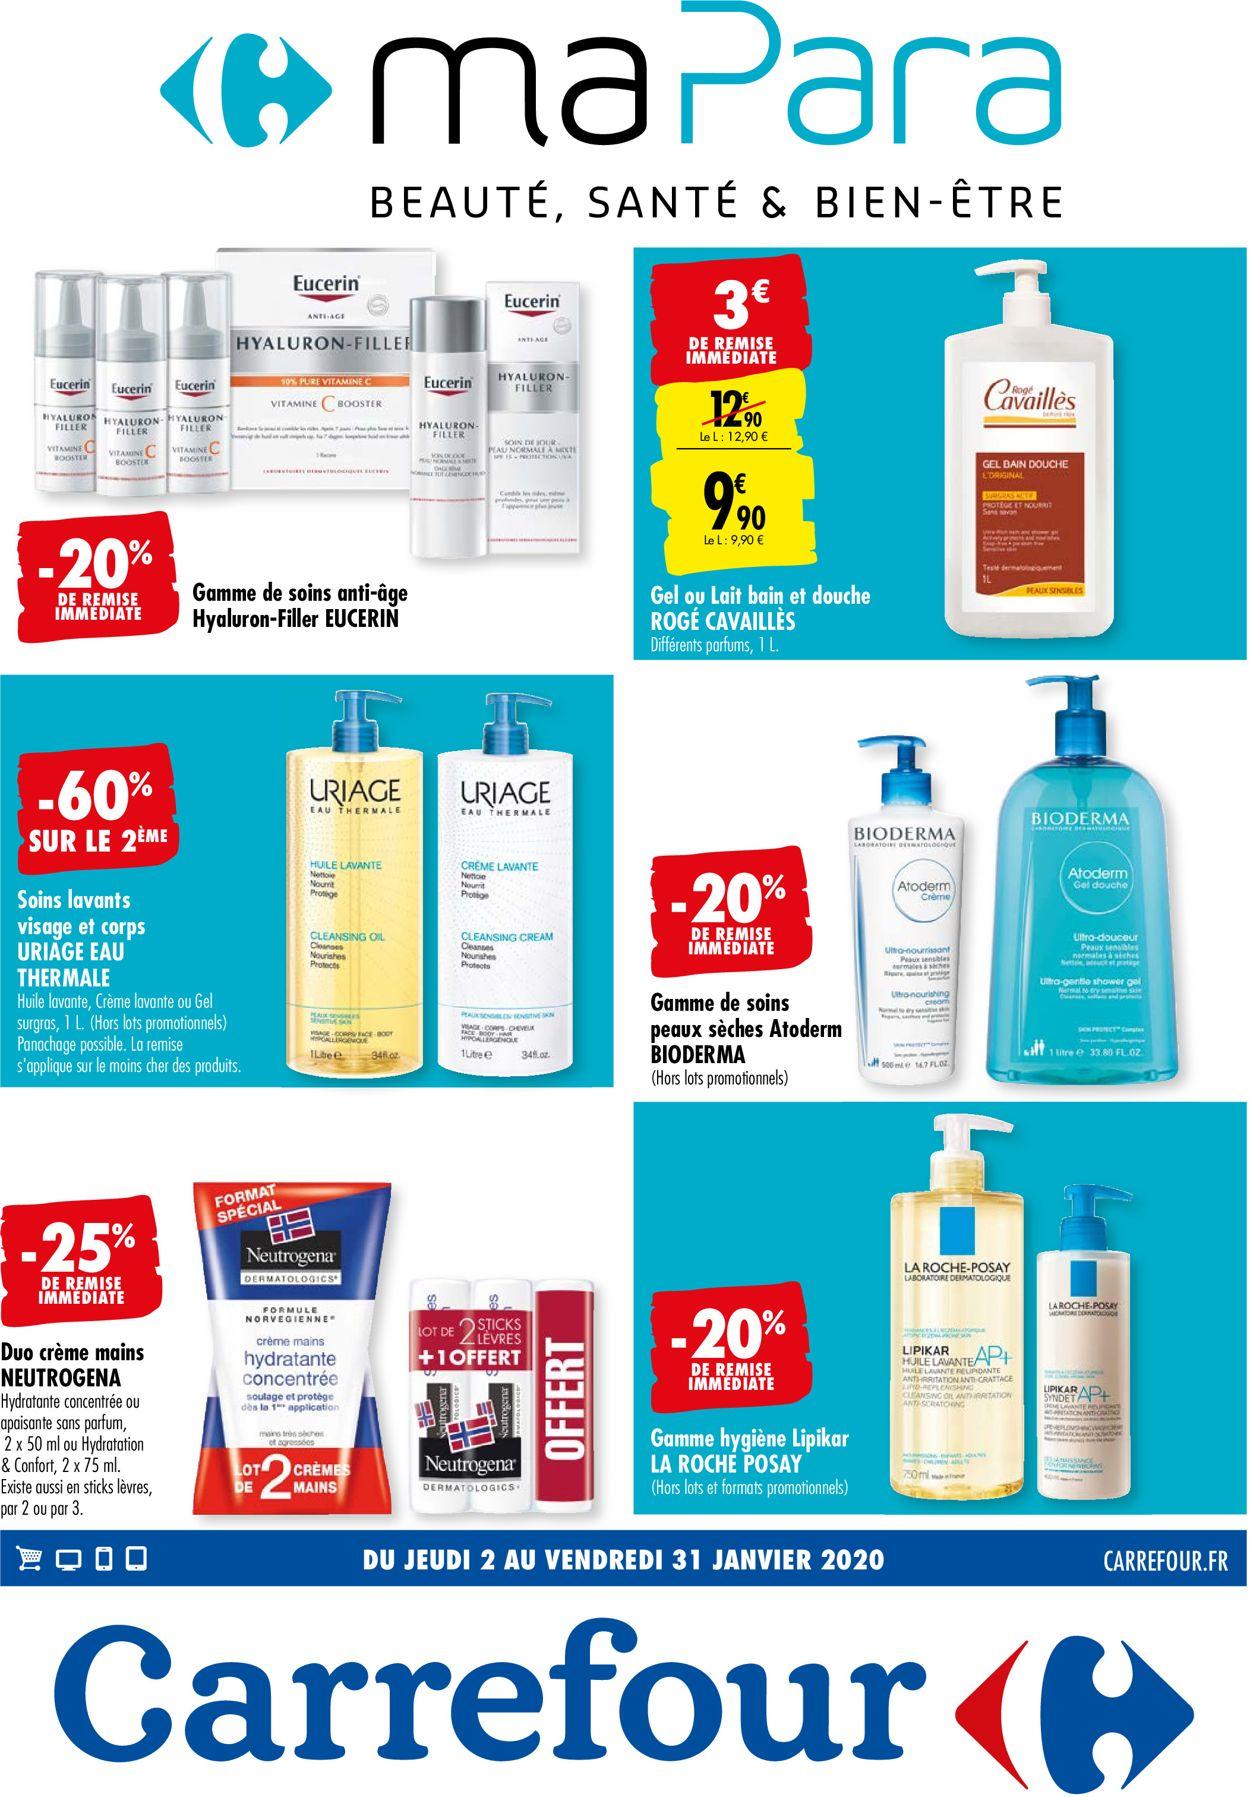 Carrefour Catalogue - 03.01-31.01.2020